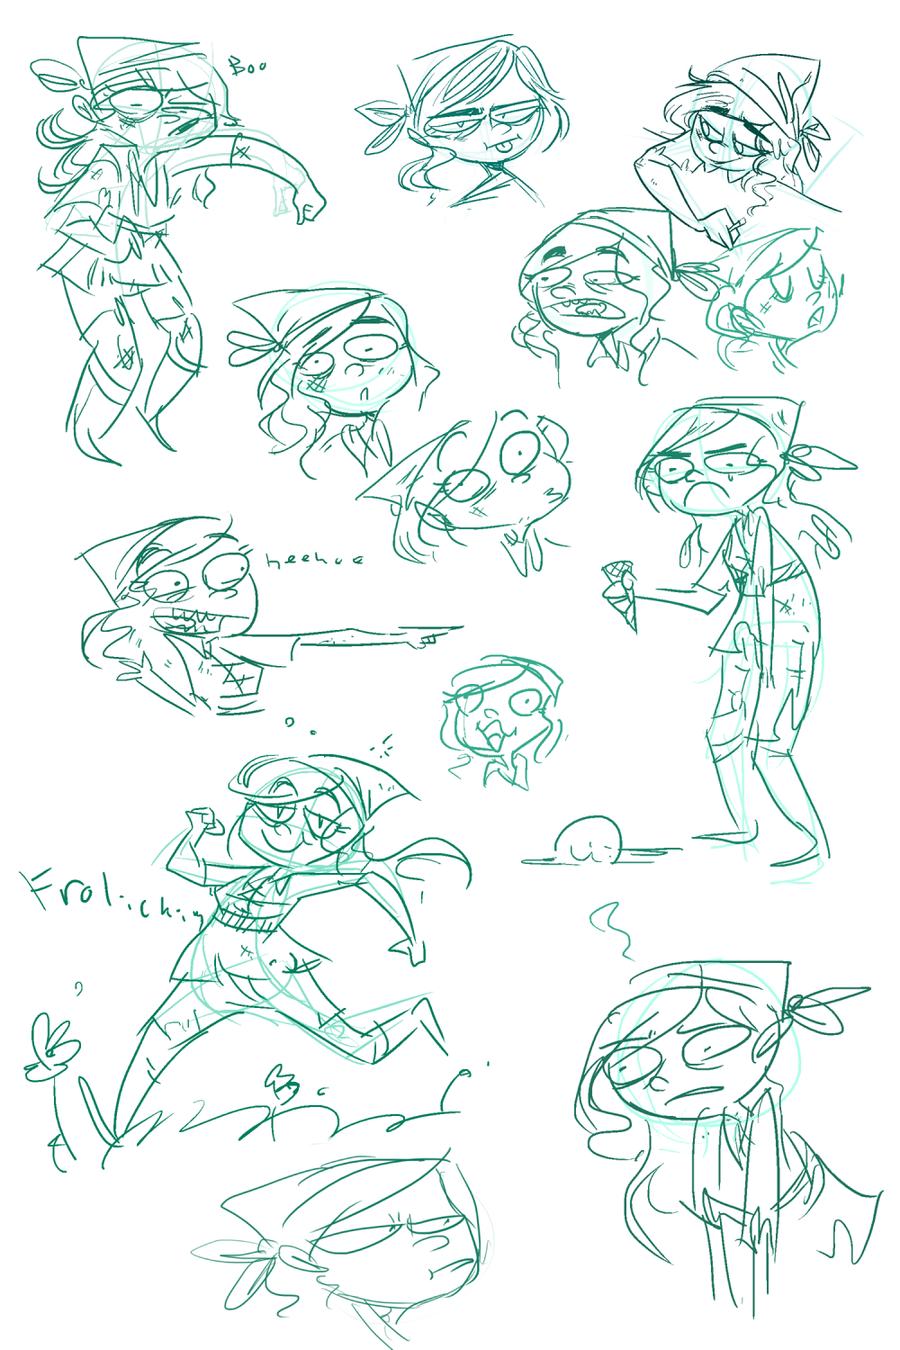 vinnie doodles by FailTaco